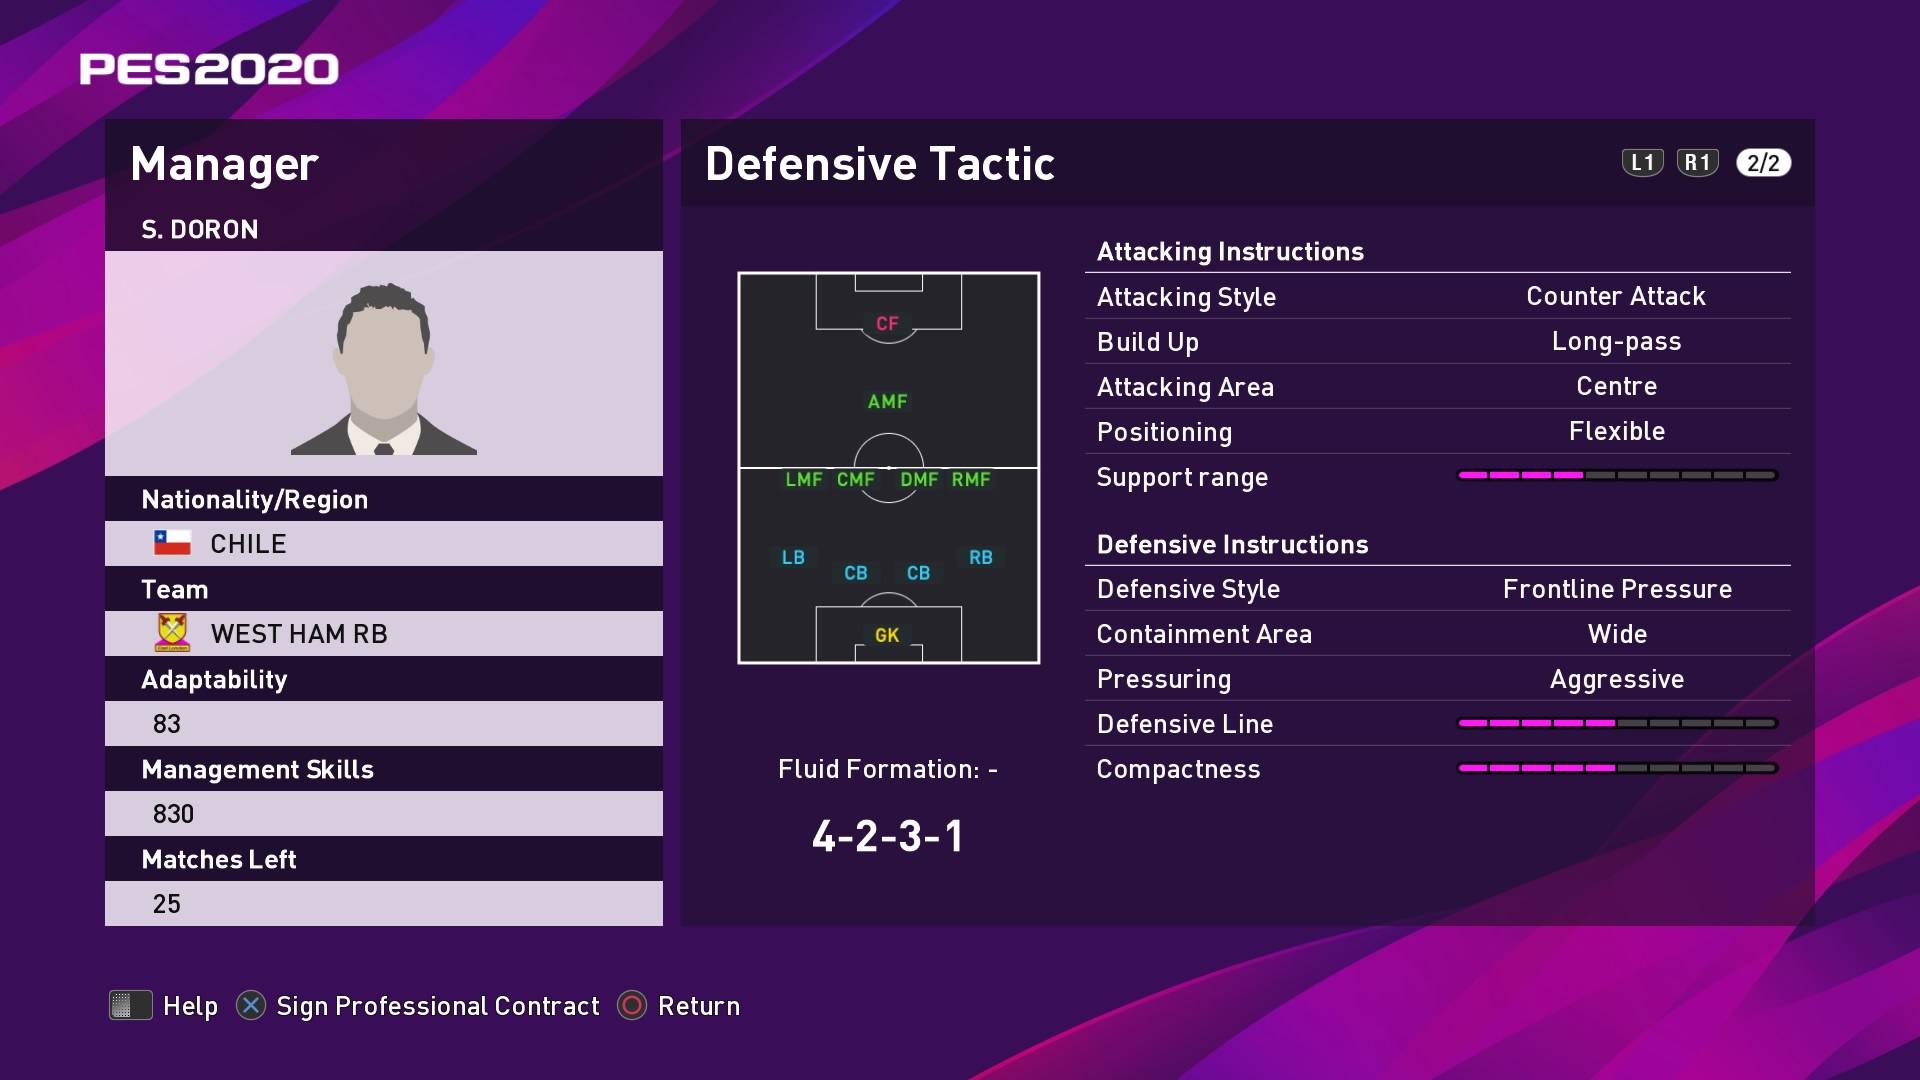 S. Doron (Manuel Pellegrini) Defensive Tactic in PES 2020 myClub